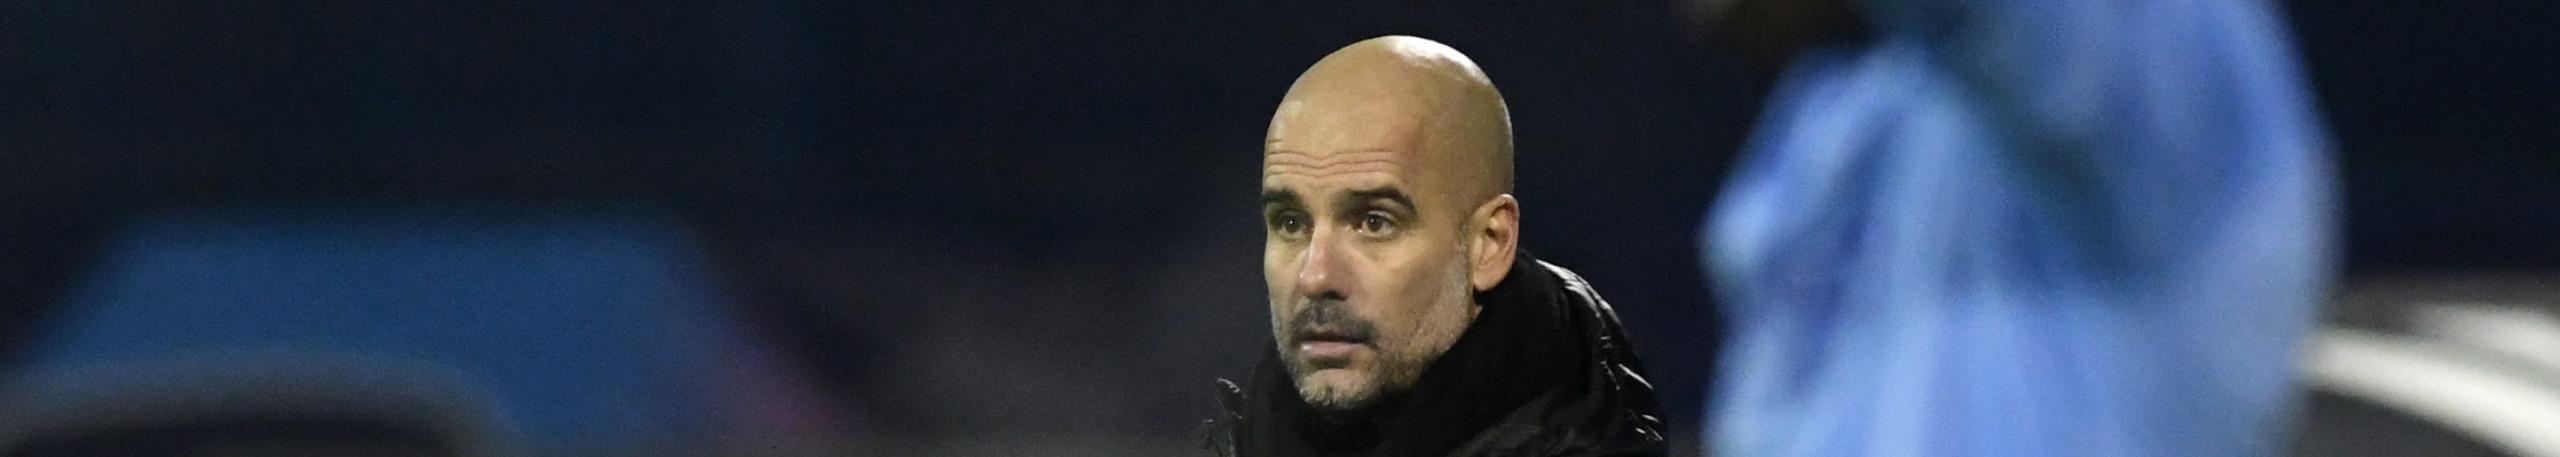 Manchester City-West Ham, all'Etihad un testacoda tra deluse: Guardiola vuole la vittoria per entrare in clima Champions